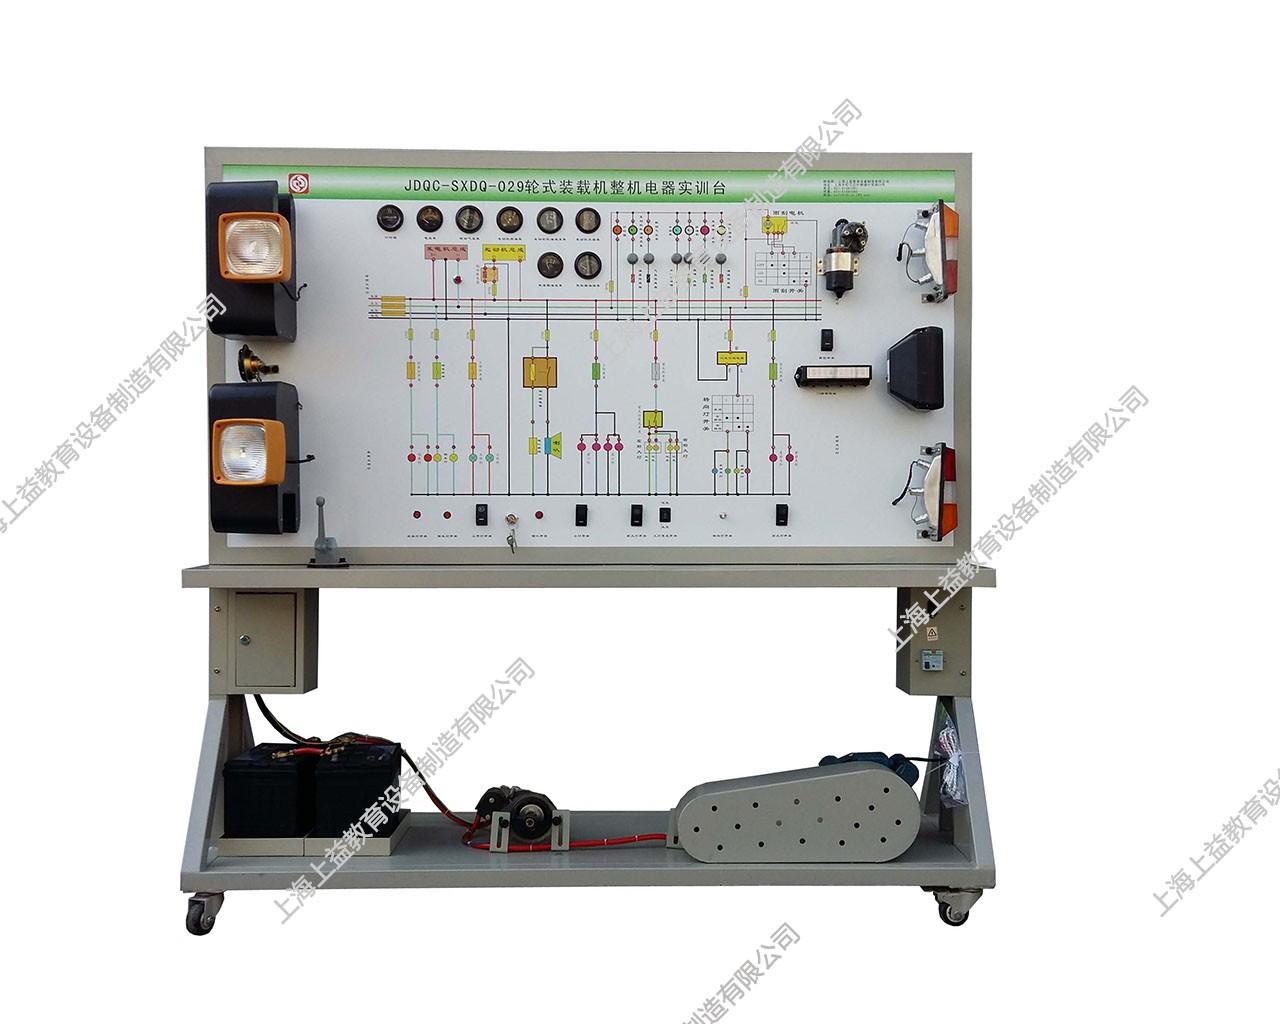 轮式装载机全车电器wwwlehu8vip台